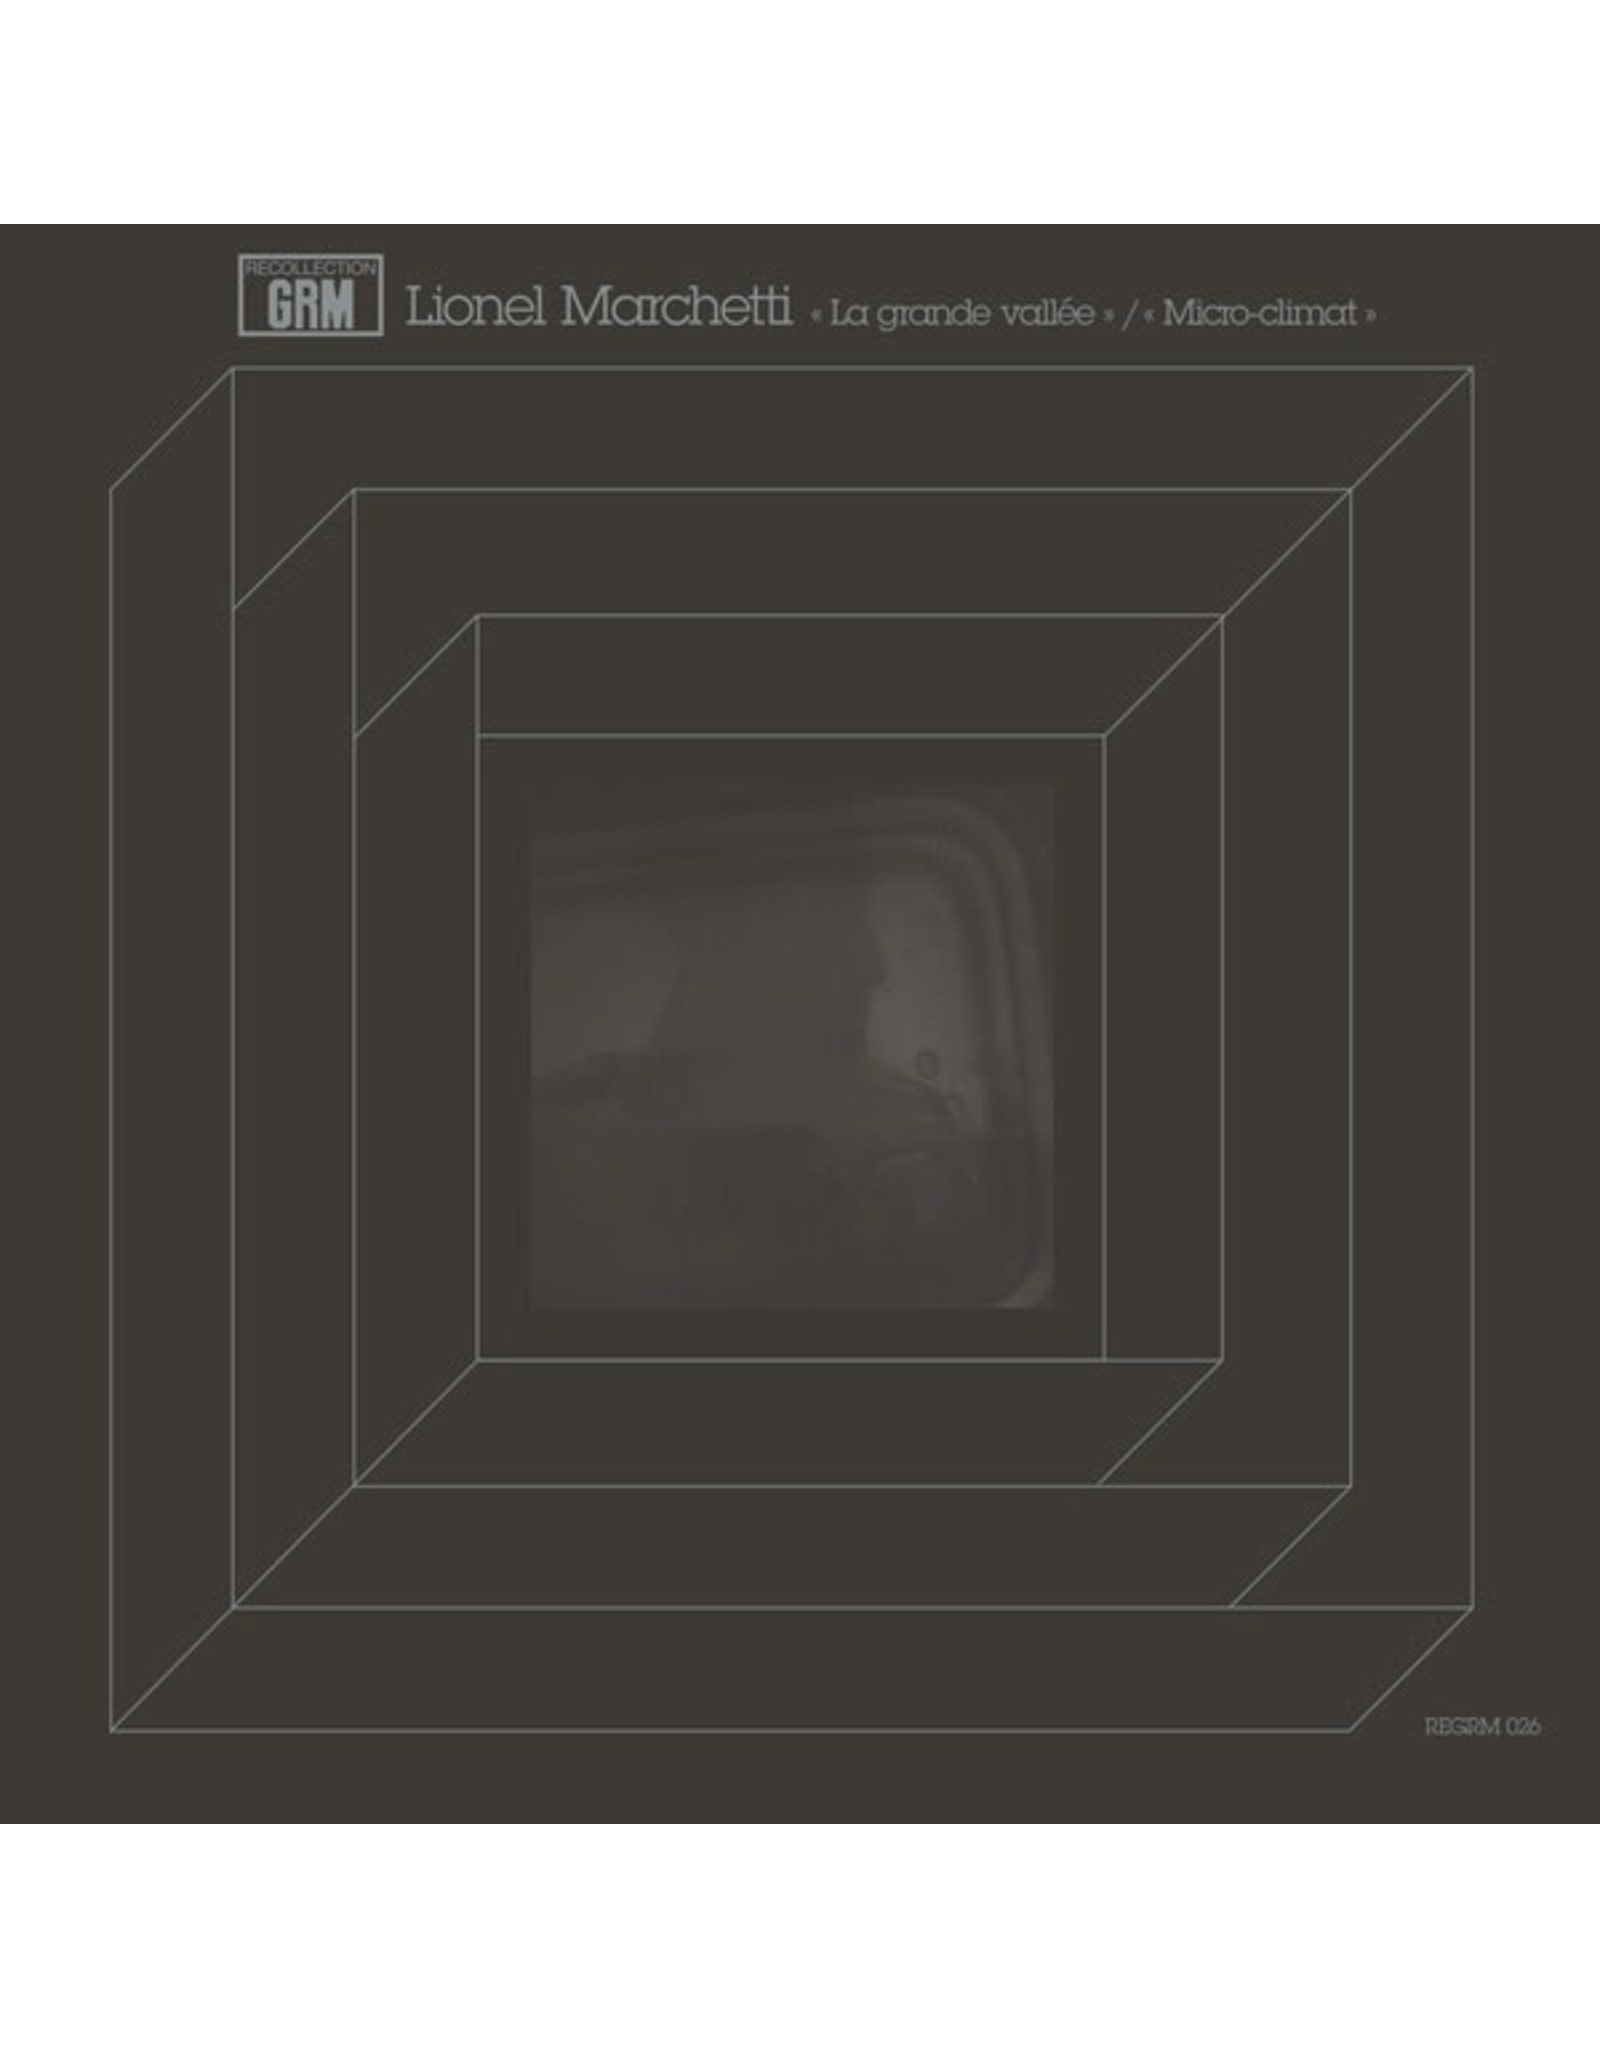 ReGRM Marchetti, Lionel: La Grande Vallee/Micro-climat LP